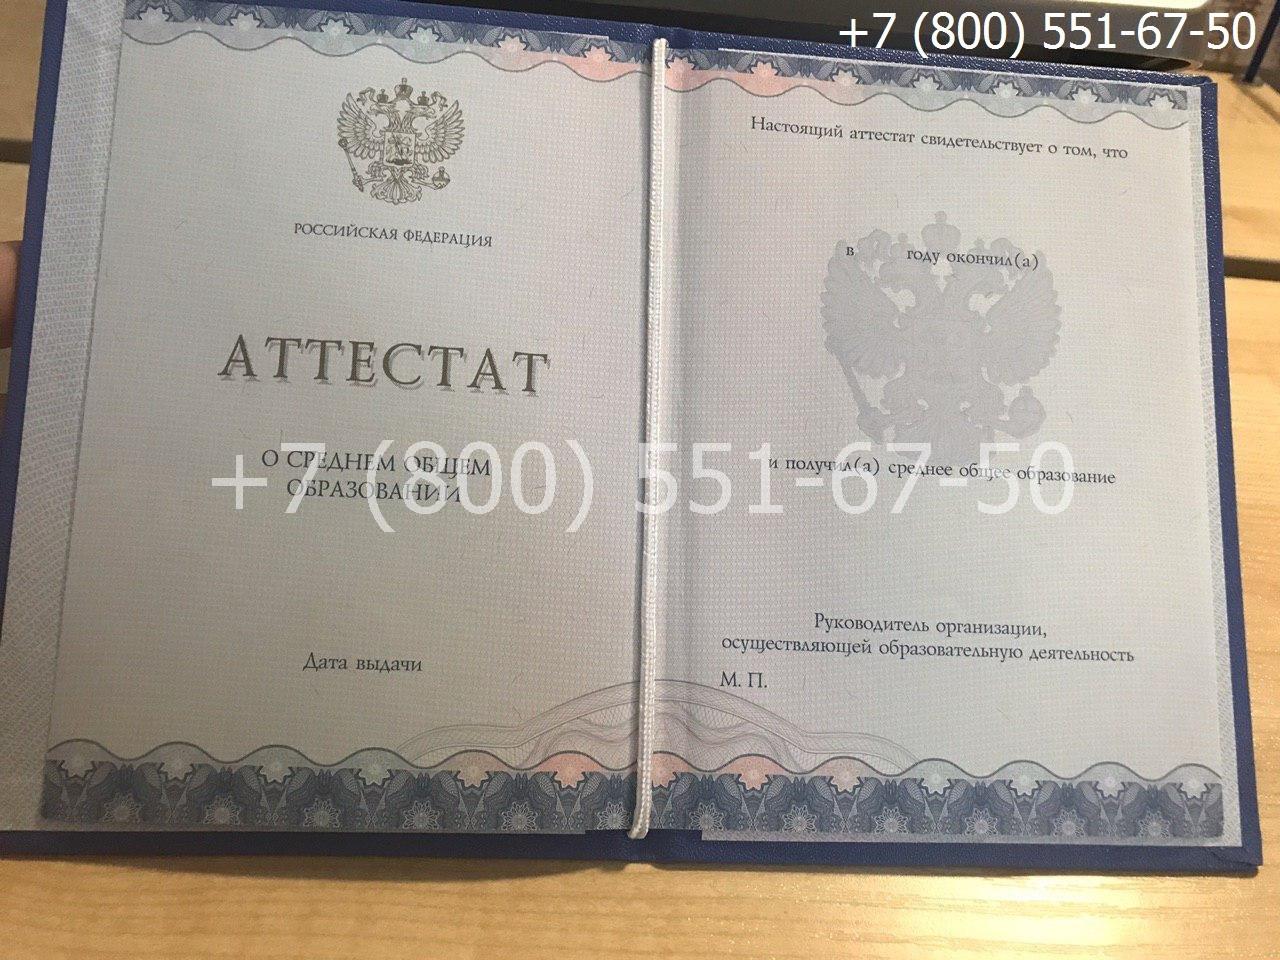 Аттестат 11 класс 2014-2020 годов, образец, титульный лист-1